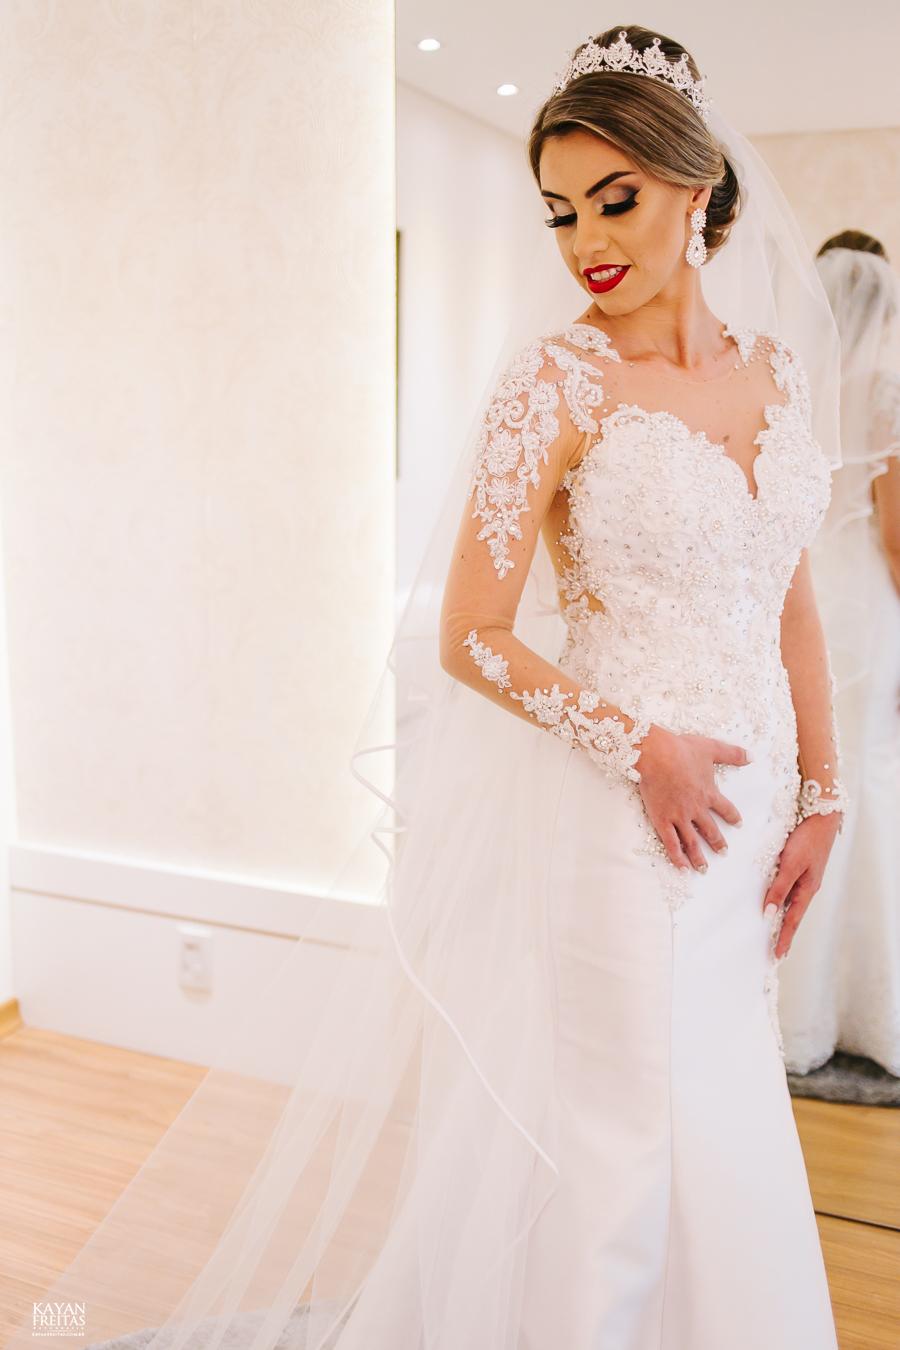 amanda-leonardo-casamento-0020 Amanda e Leonardo - Casamento em São José